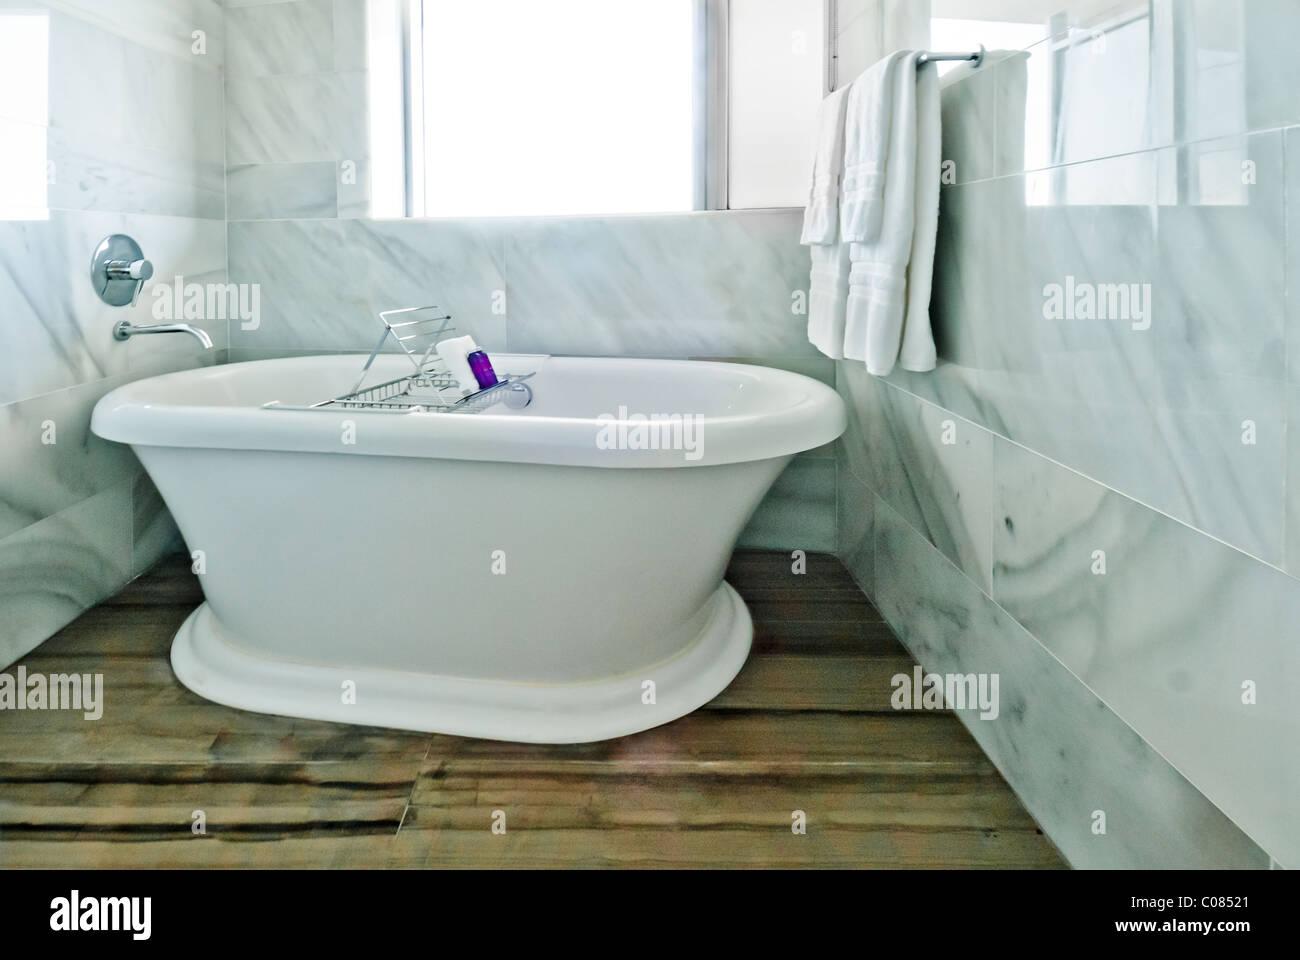 Vasca Da Bagno Del Tempo : Vasca da bagno in tempo miami un rock resort hotel di lusso che si